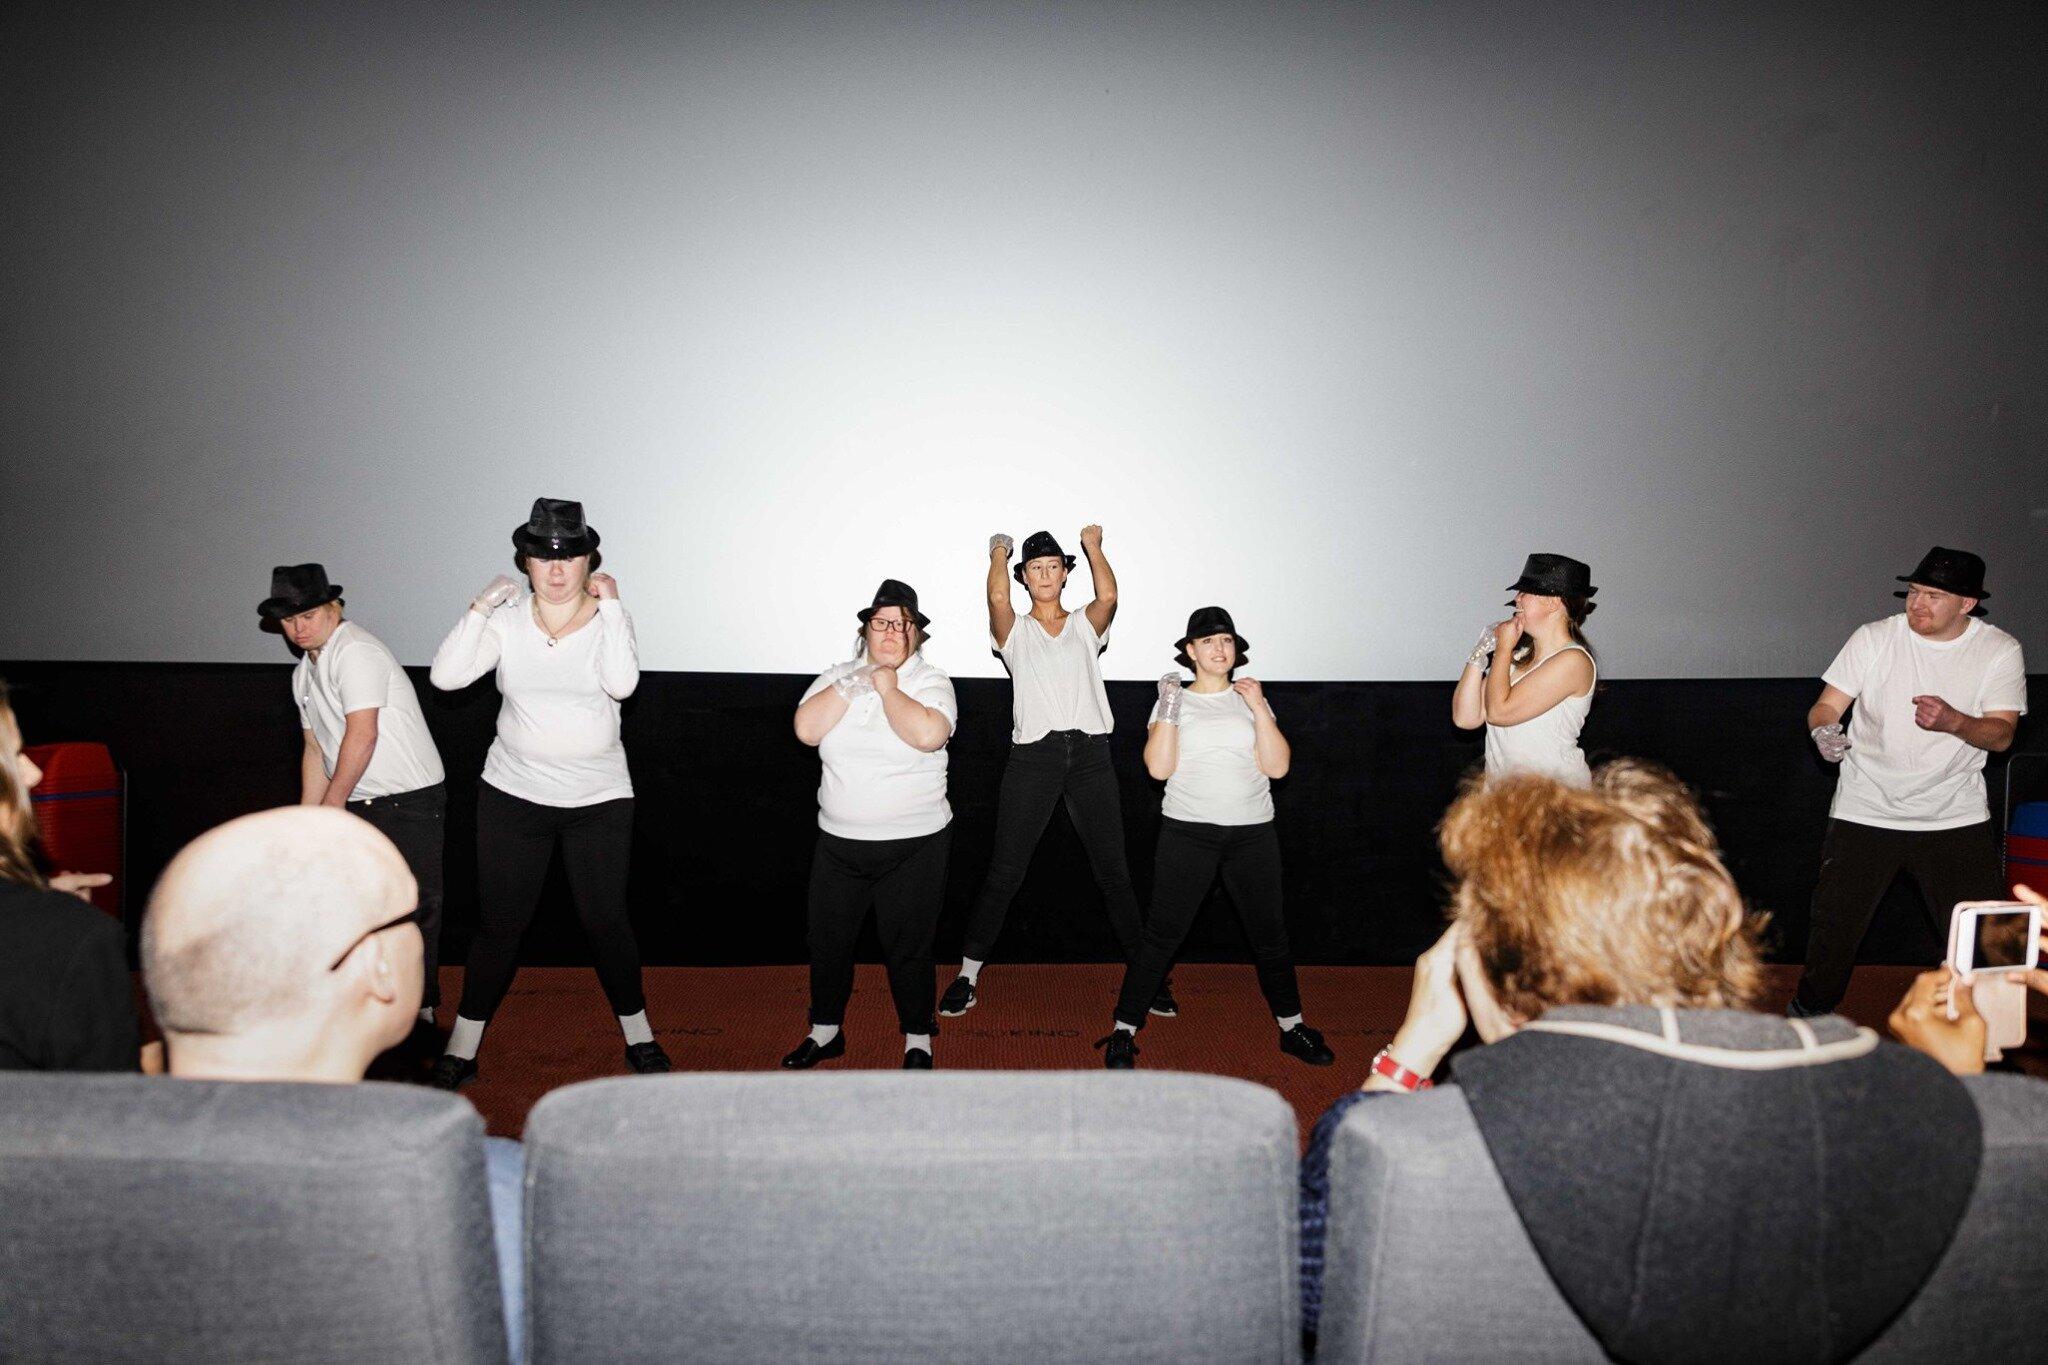 Danseløvene opptrer under fagkonferansen. Foto: Alf Andreas Grønli Simensen.